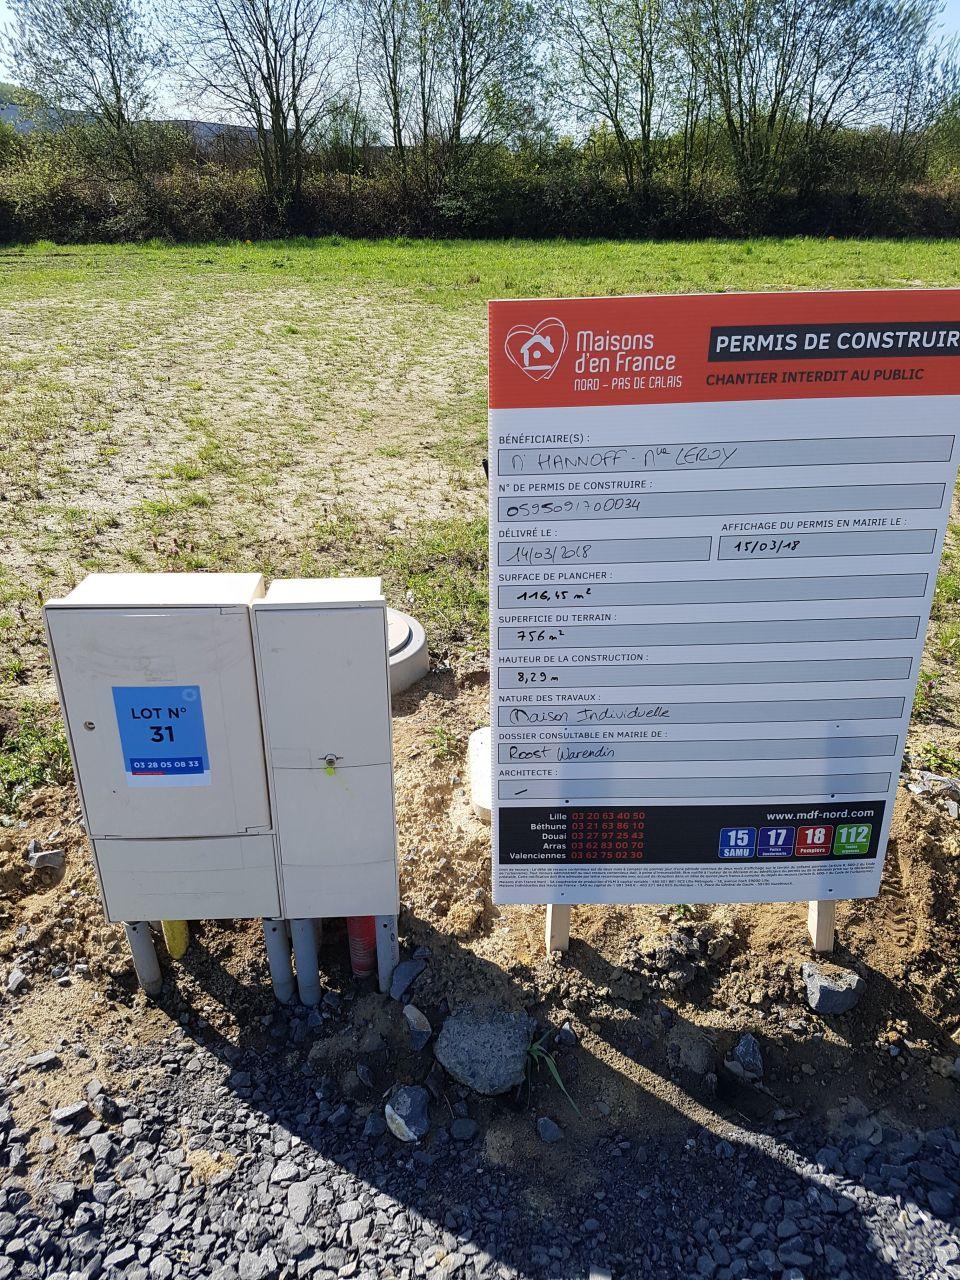 Pose du panneau de permis de construire